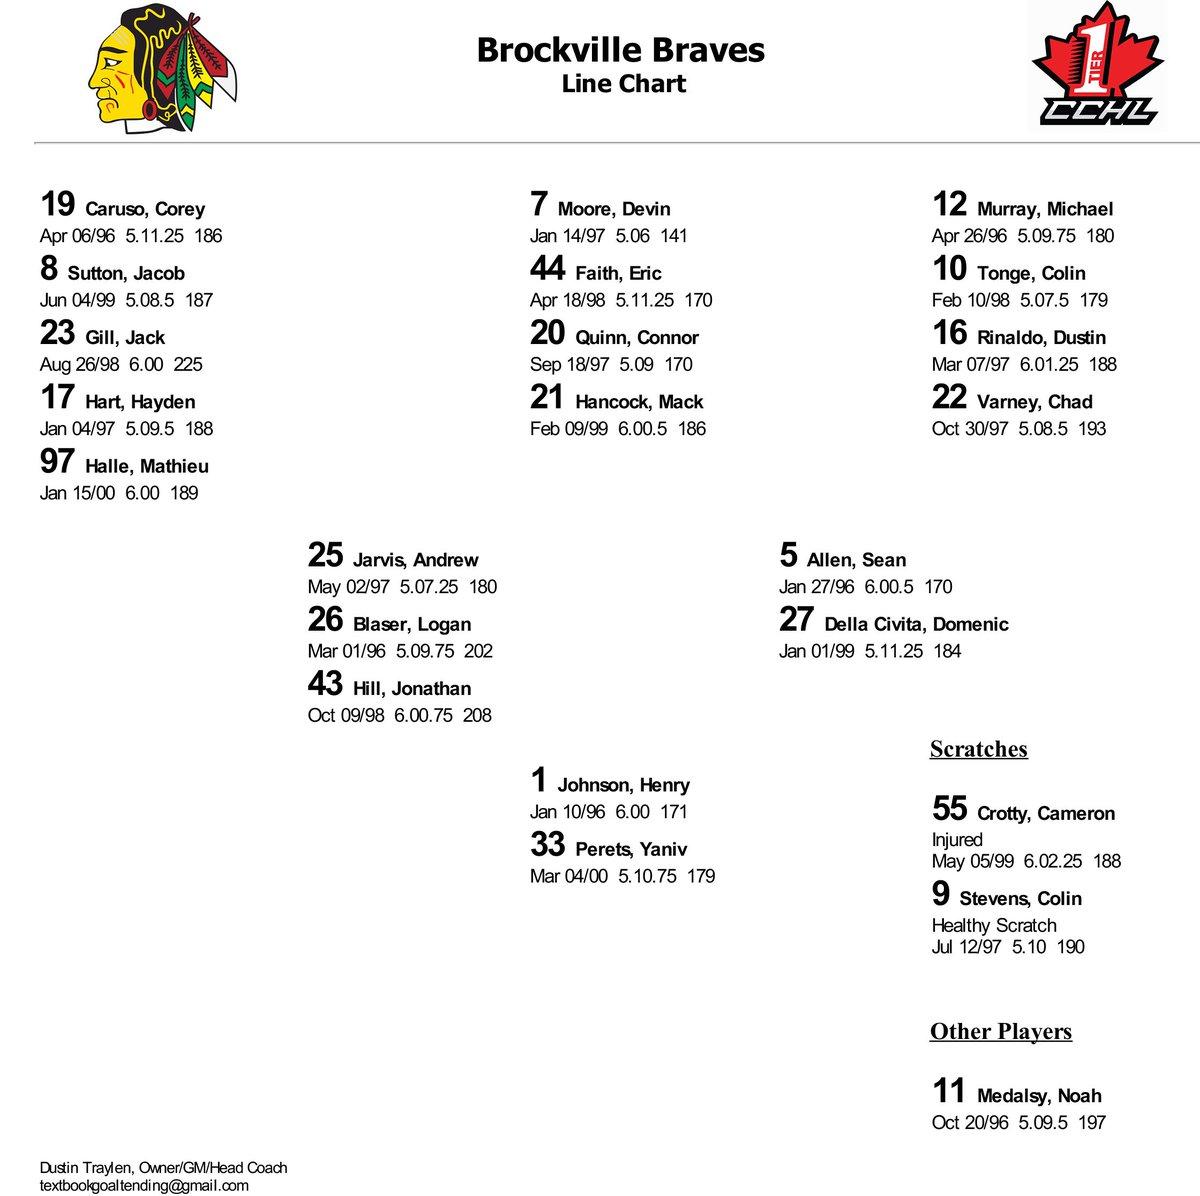 da64f04a7a58 Brockville Braves on Twitter